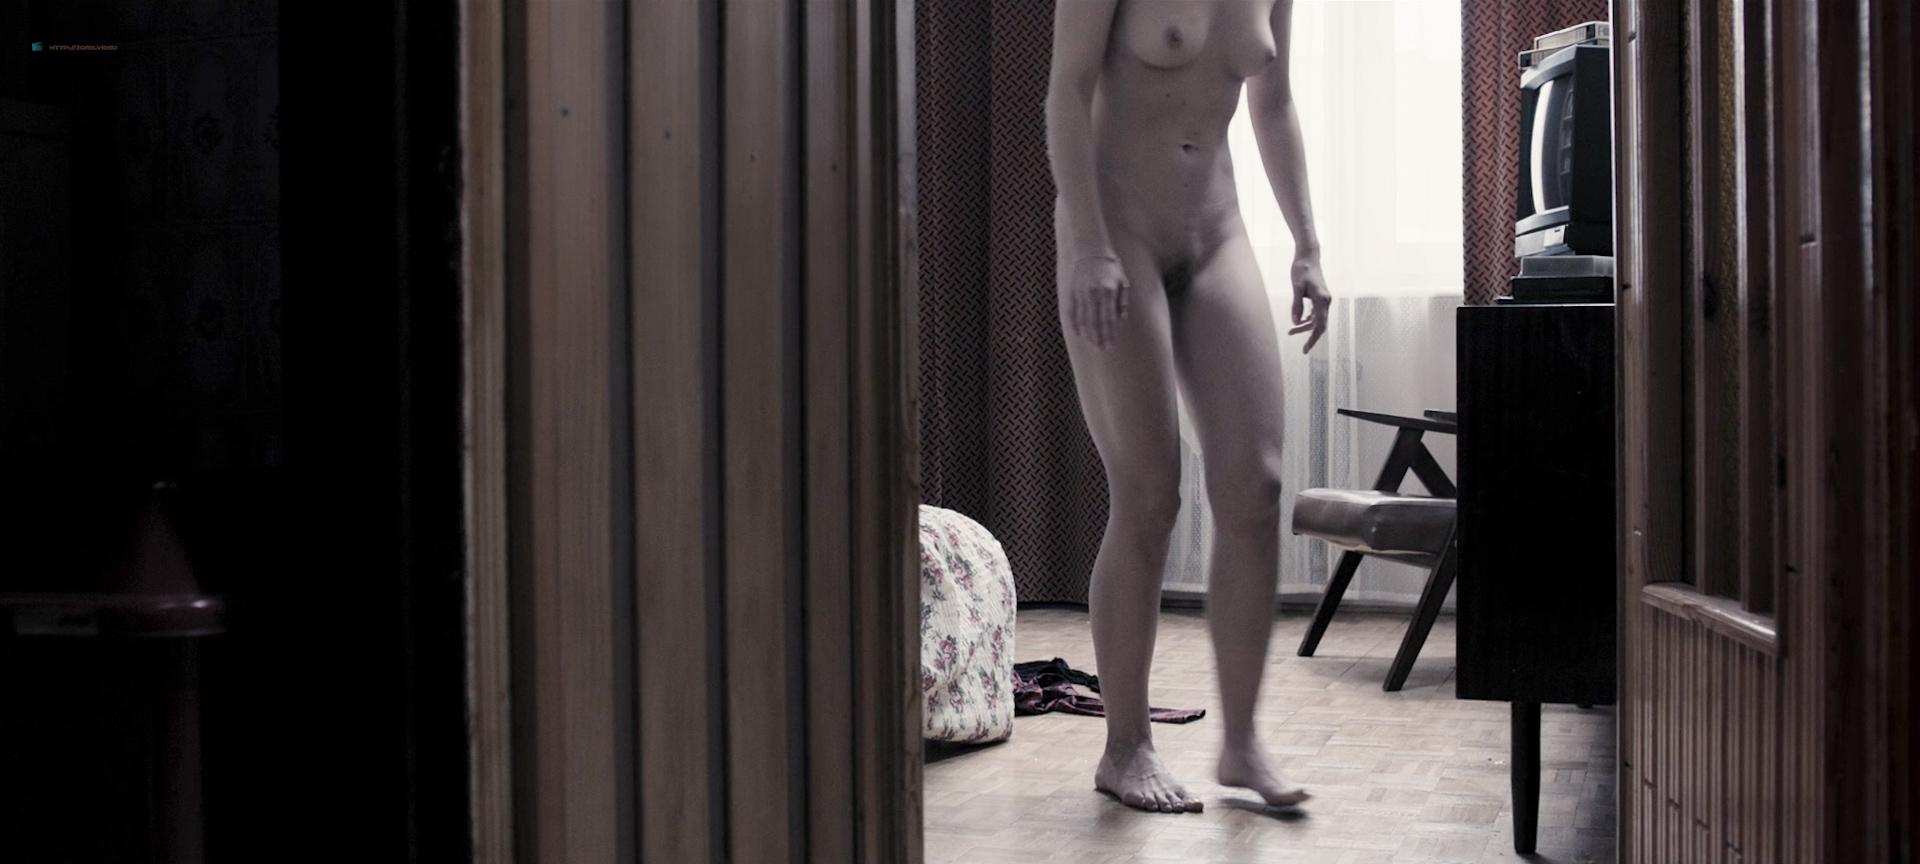 Julia Kijowska nude bush and sex and Marta Nieradkiewicz nude full frontal - Zjednoczone stany milosci (PL-2016) HD 1080p BluRay